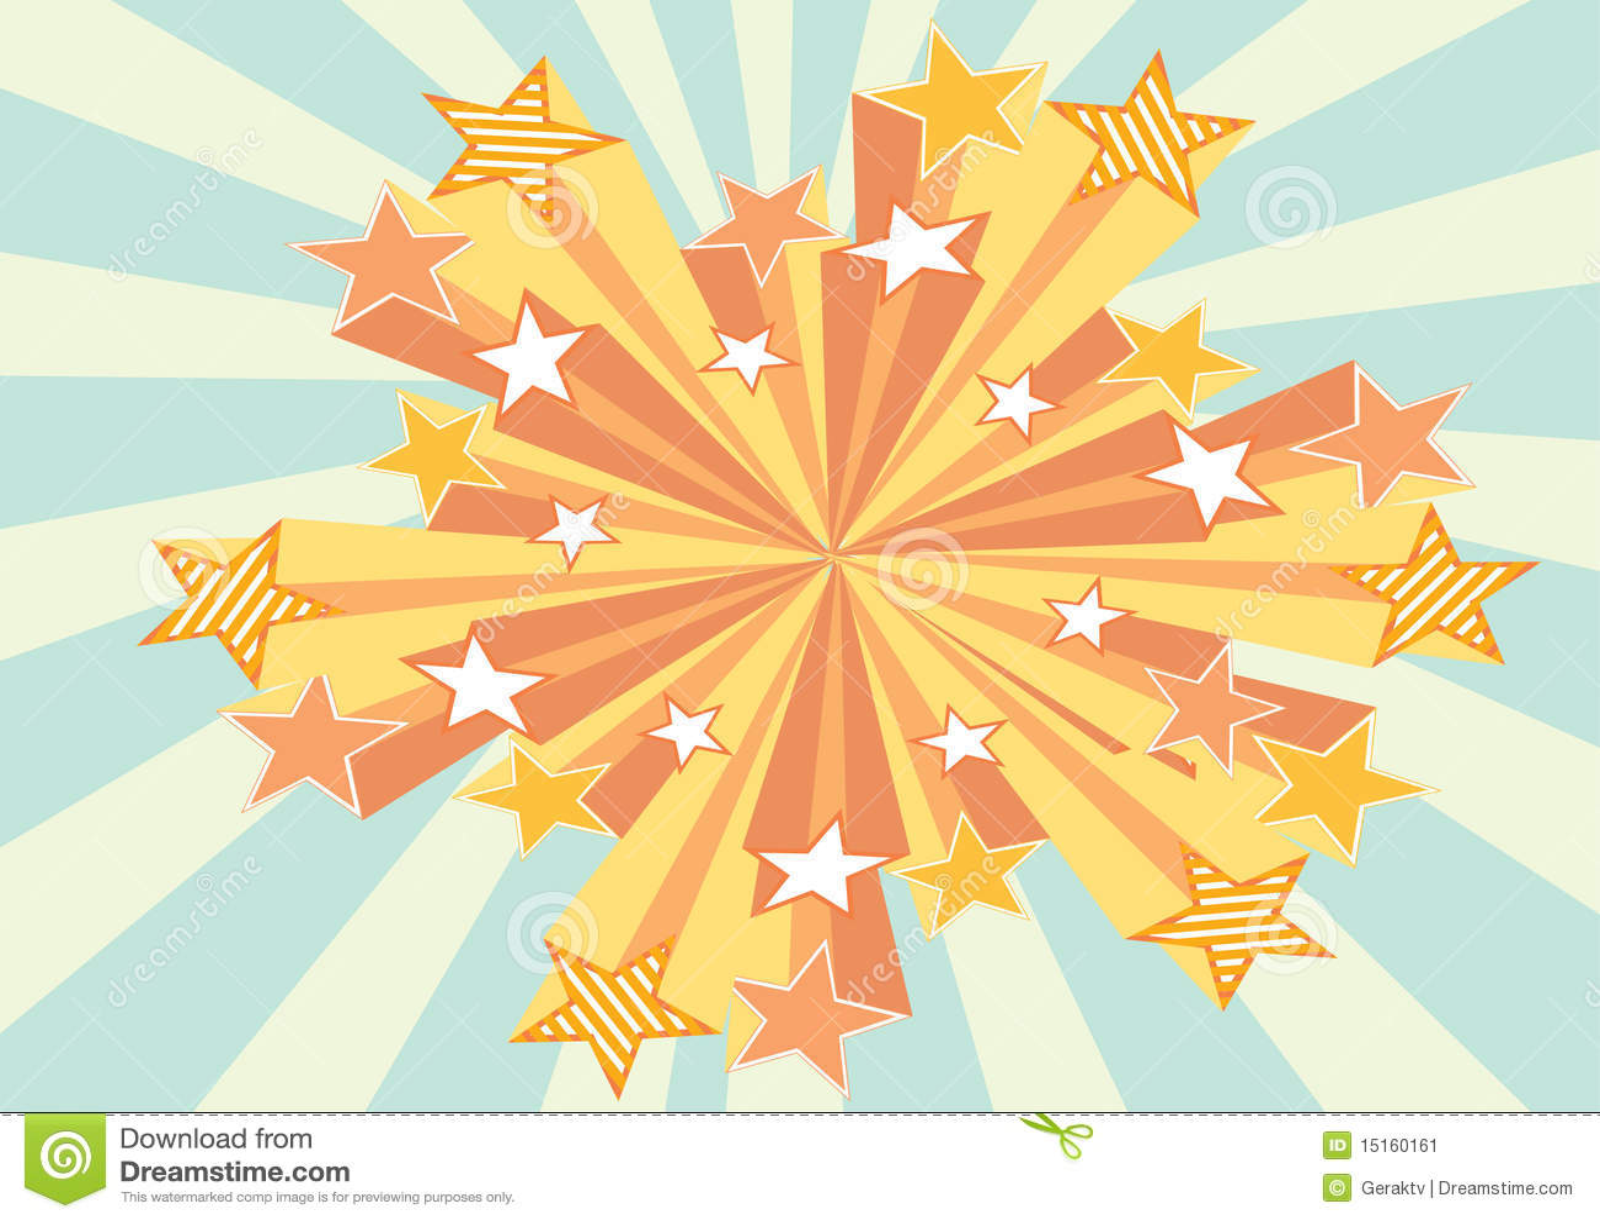 Retro Stars Background Stock Image - Image: 15160161